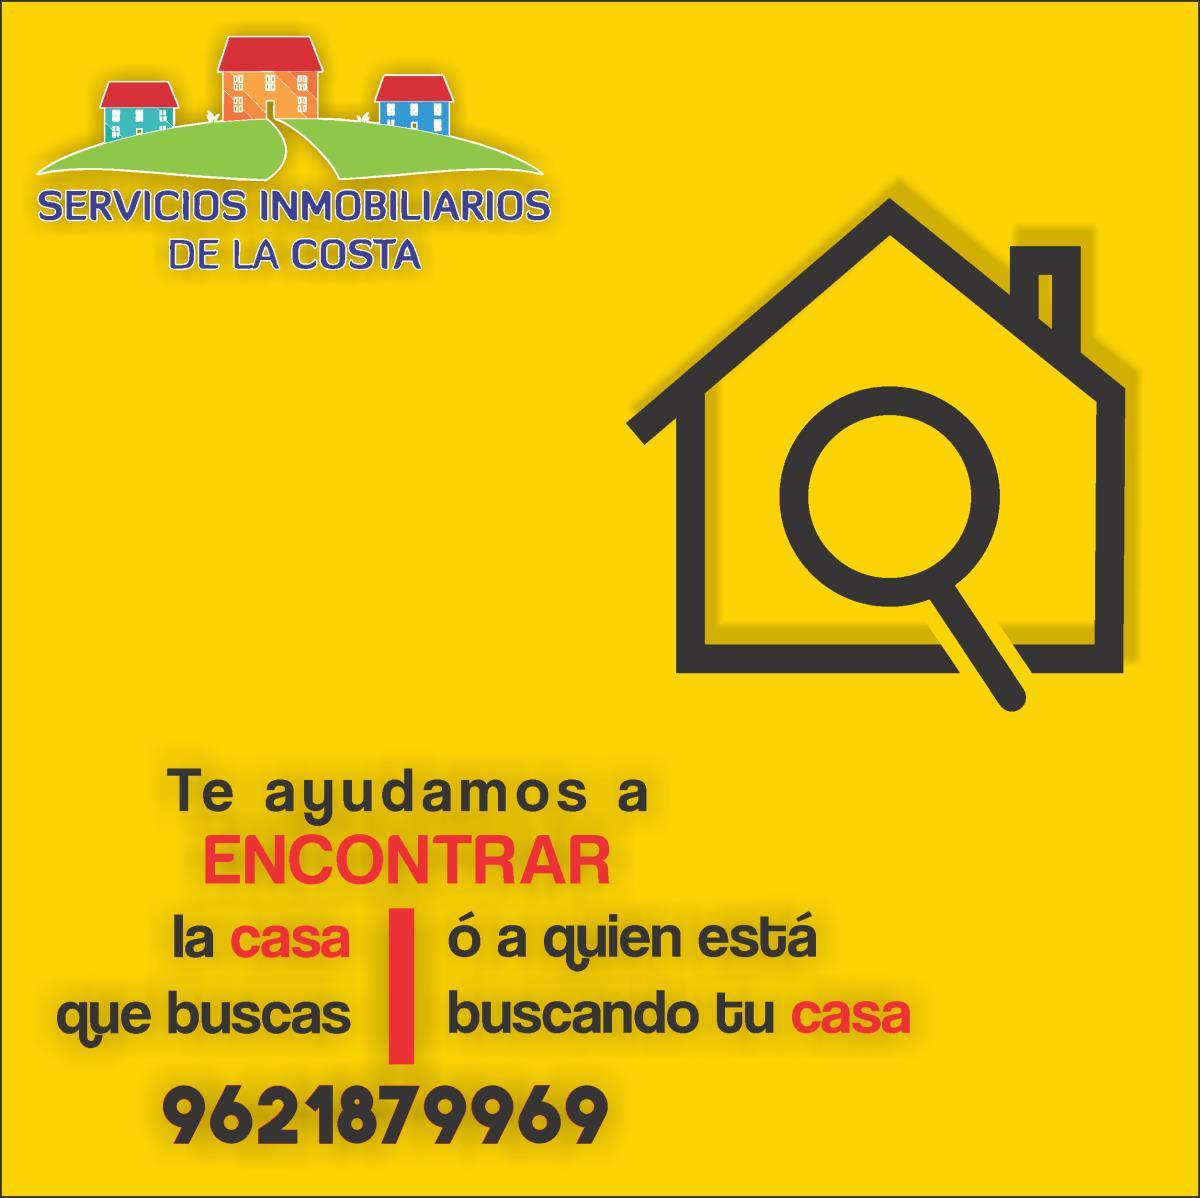 Servicios Inmobiliarios De La Costa Tapachula 12 Sur 3 A